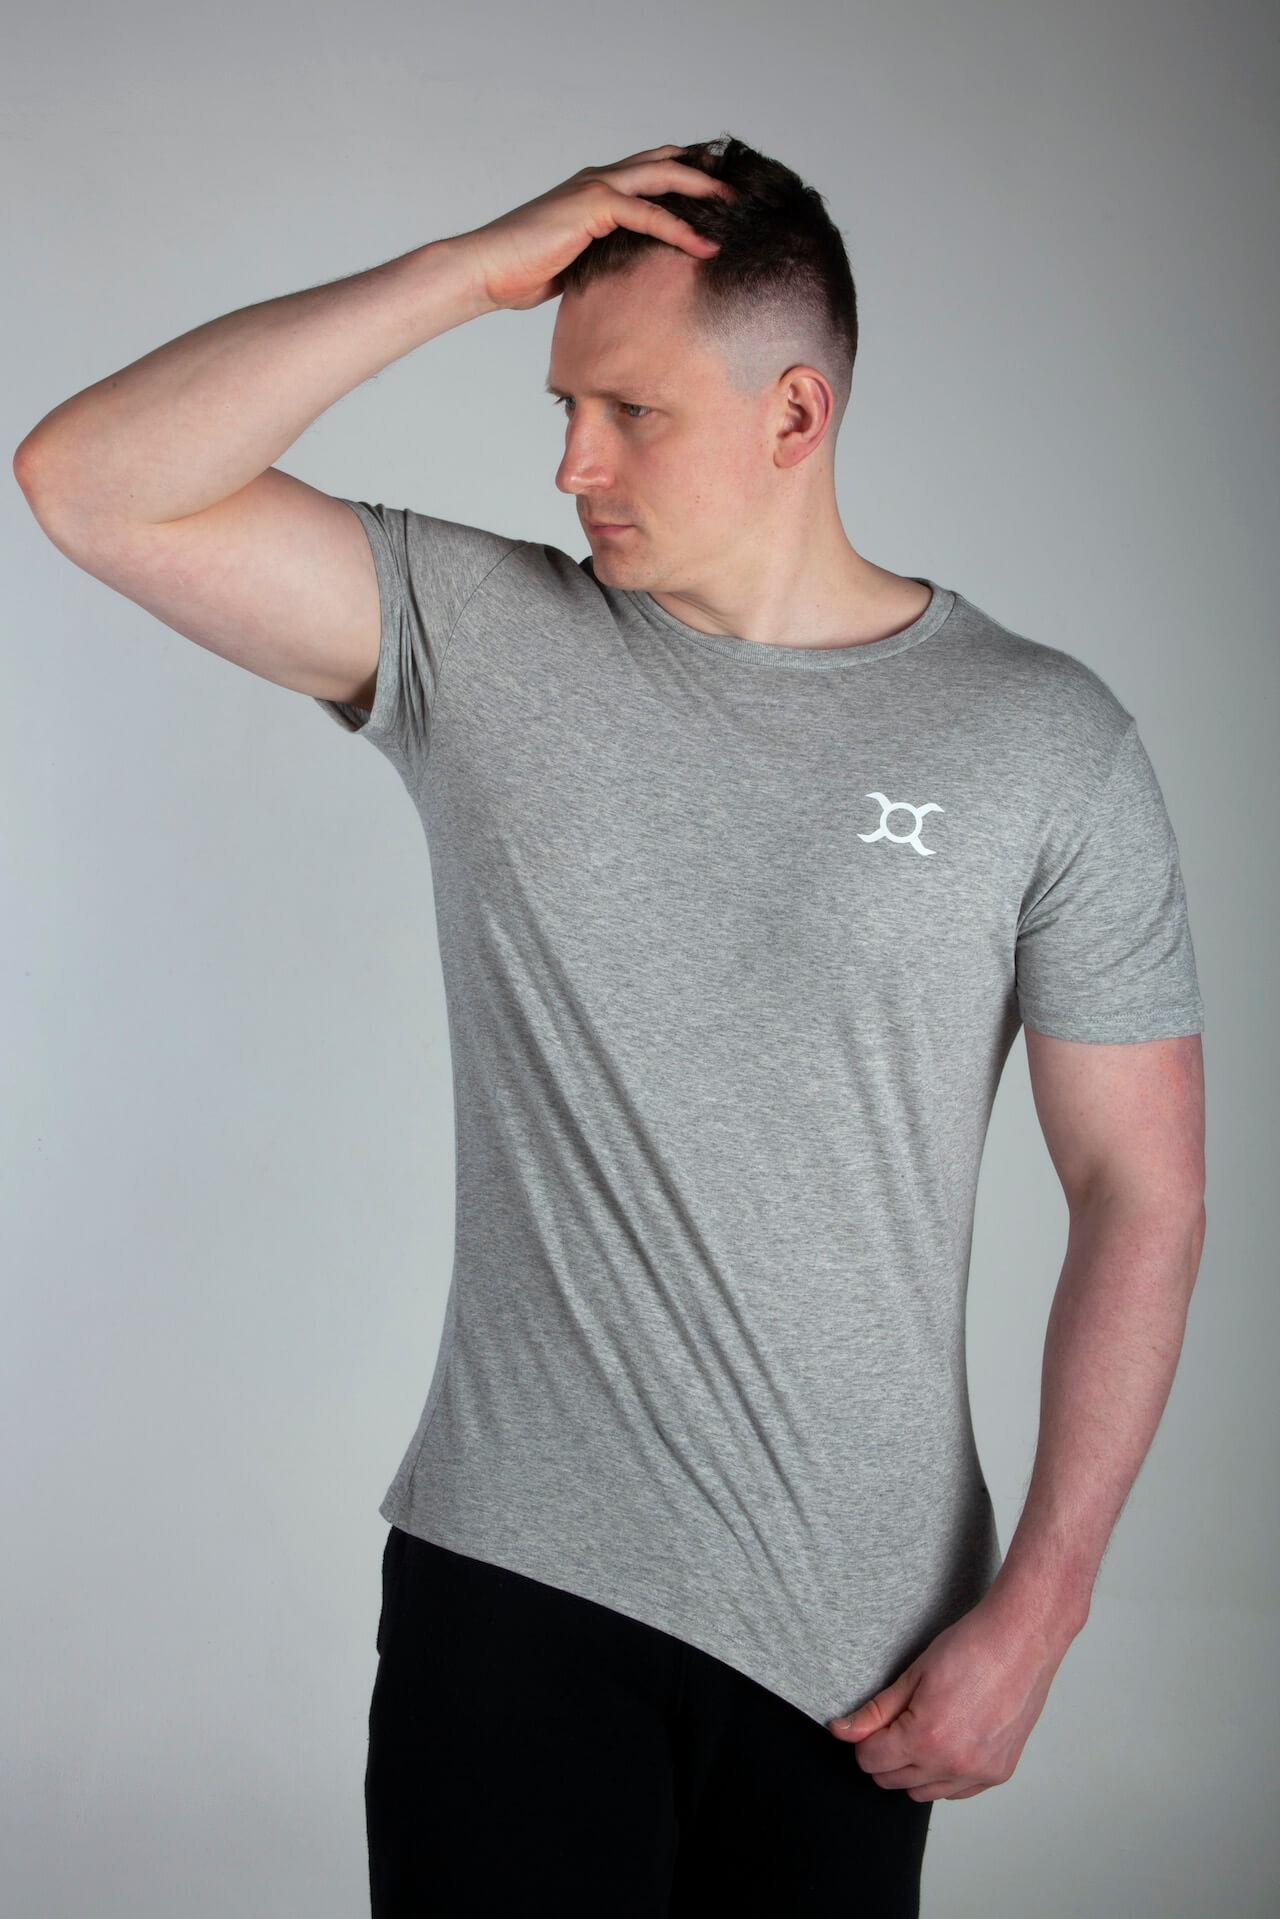 Homme portant un t-shirt Origin X Performance